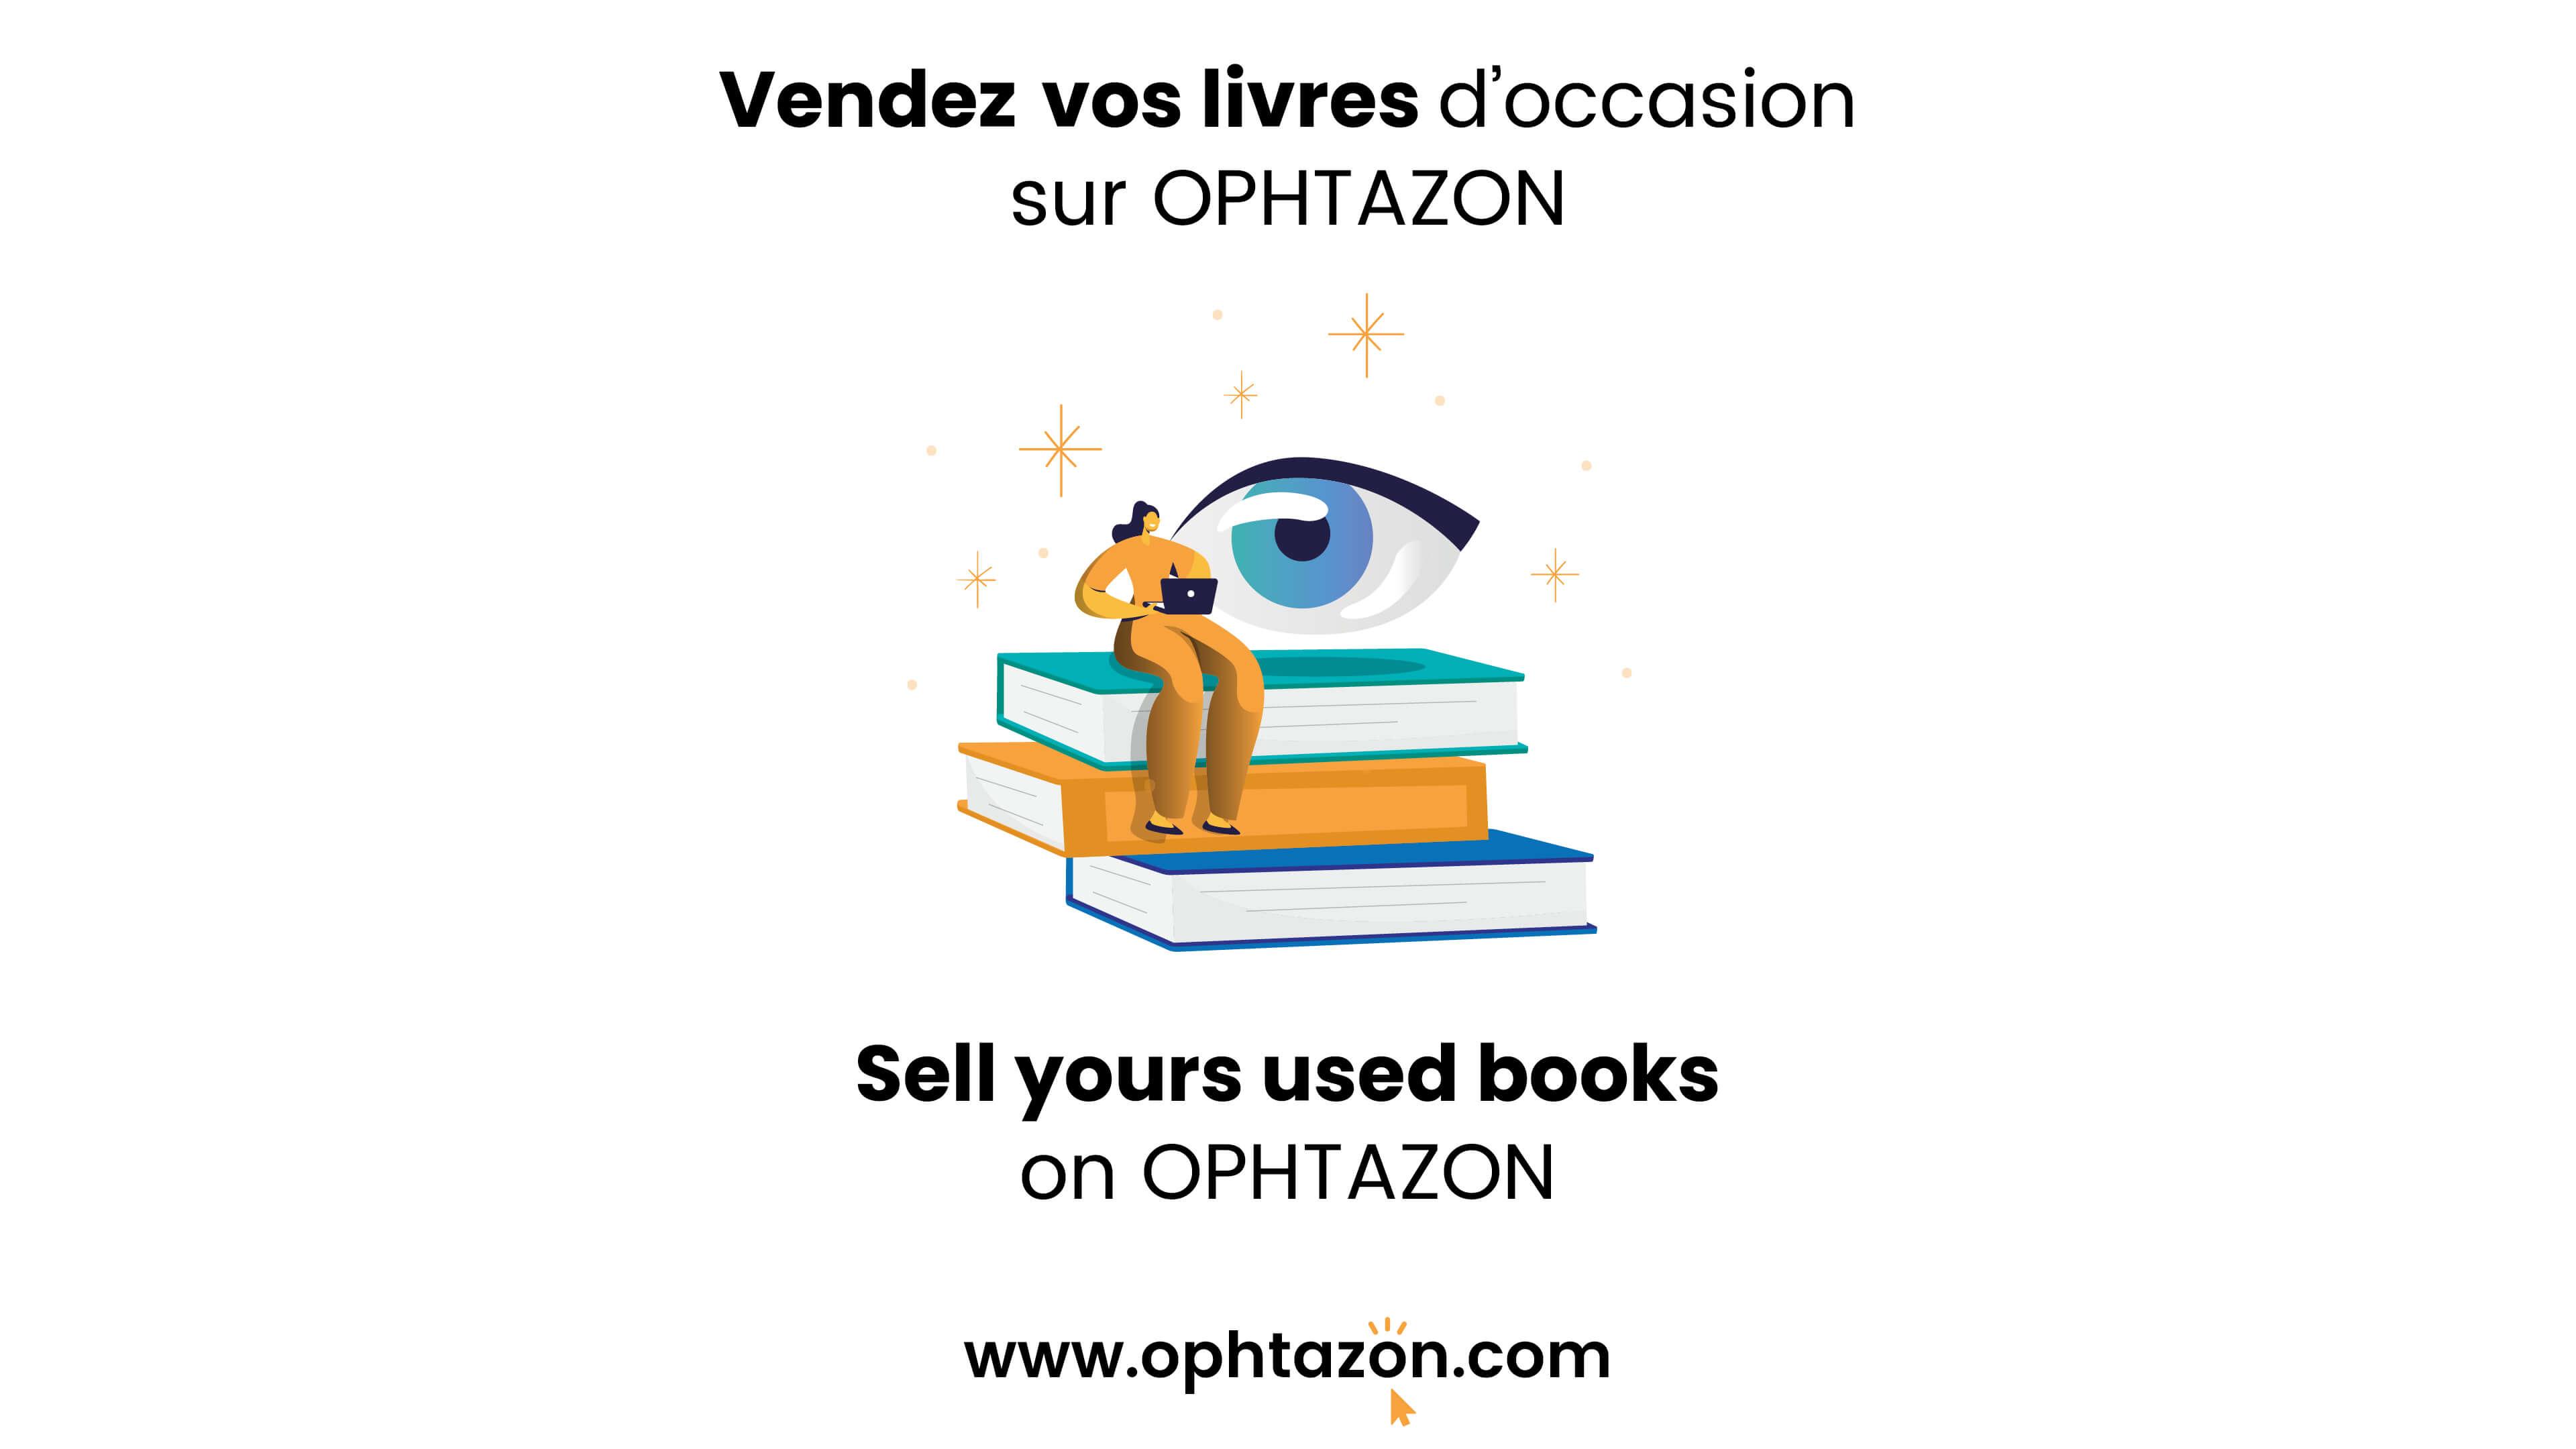 Vendez vos livres d'occasion sur OPHTAZON